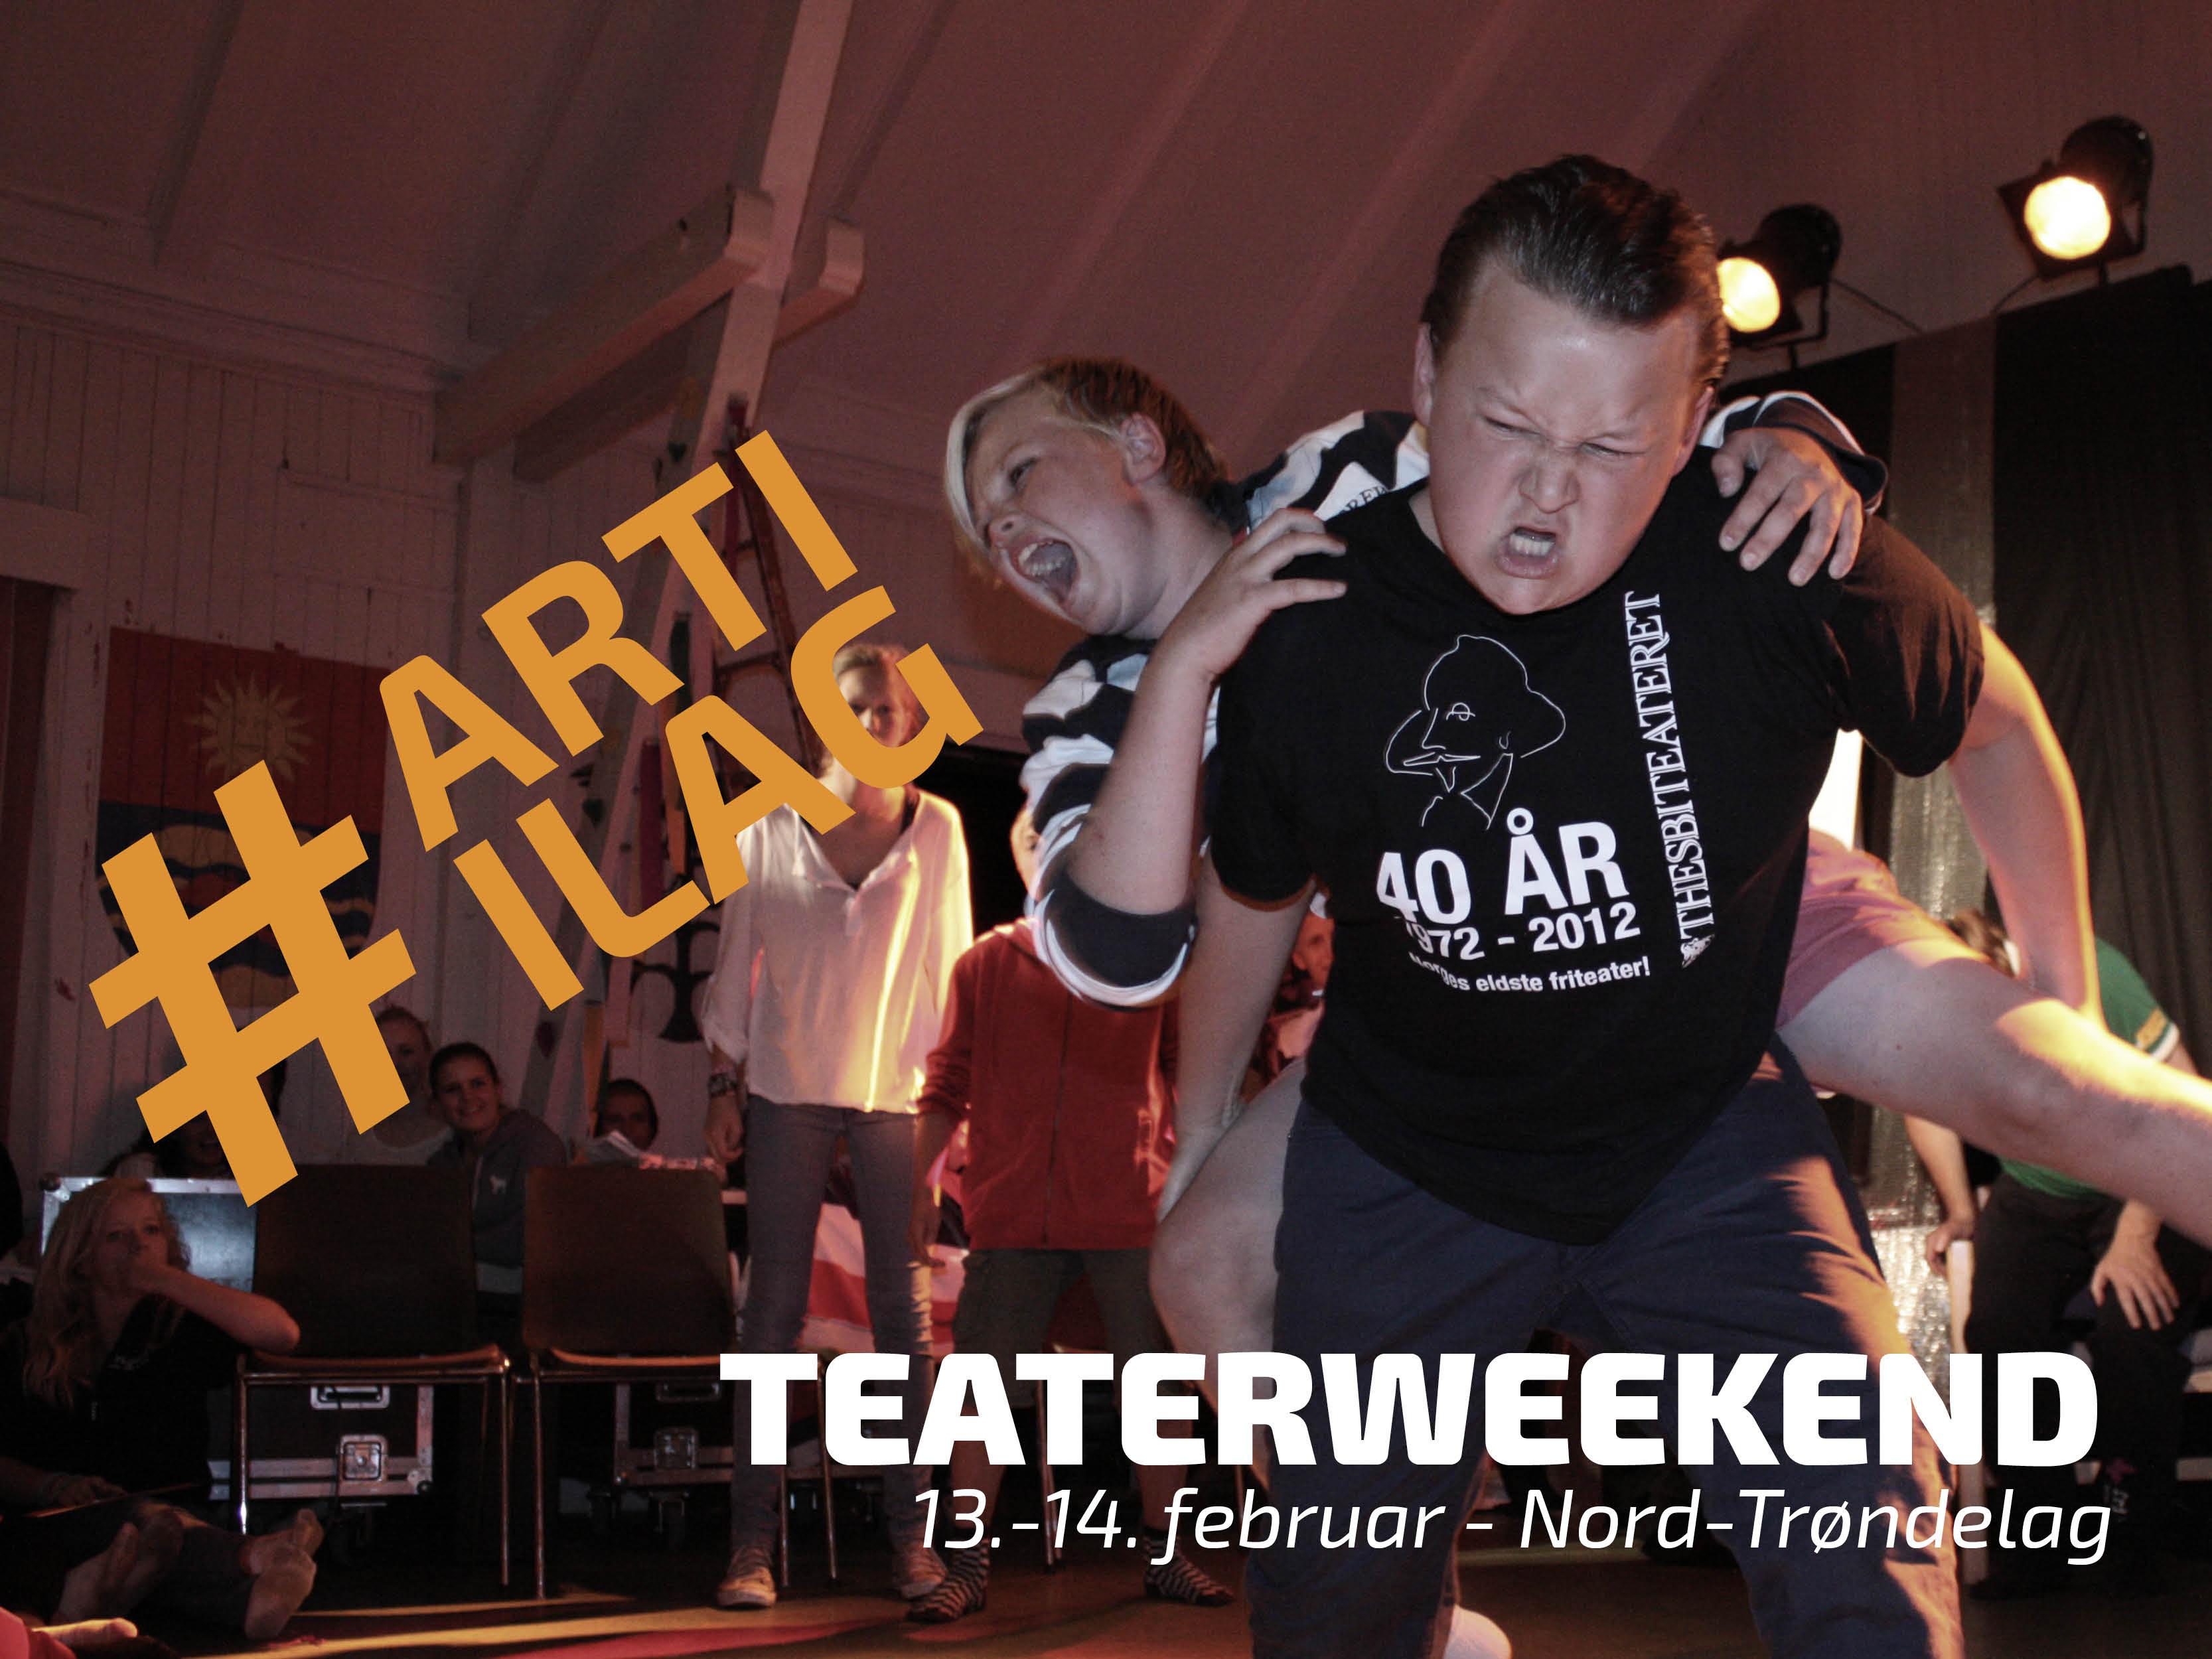 Teaterweekend - NT